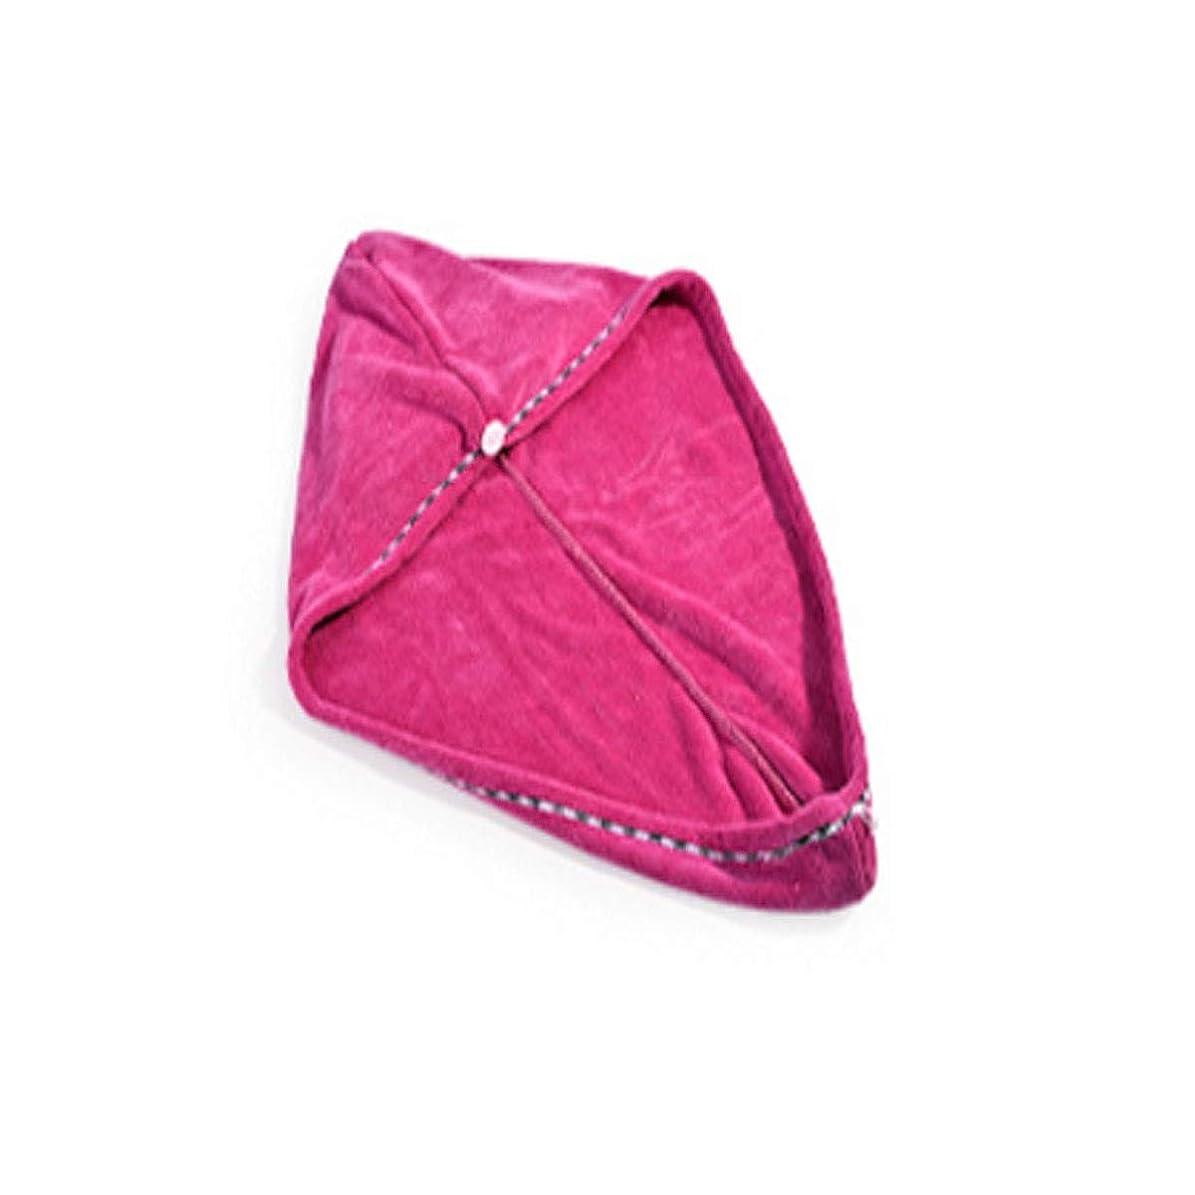 リットル黒くする可動HENGTONGTONGXUN シャワーキャップ、乾いた髪の帽子、女性用吸収性タオル、乾いたタオル、髪速乾性のある帽子、包頭女性、長い髪のシャワーキャップ、紫、ローズレッド、ピンク (Color : Rose red)